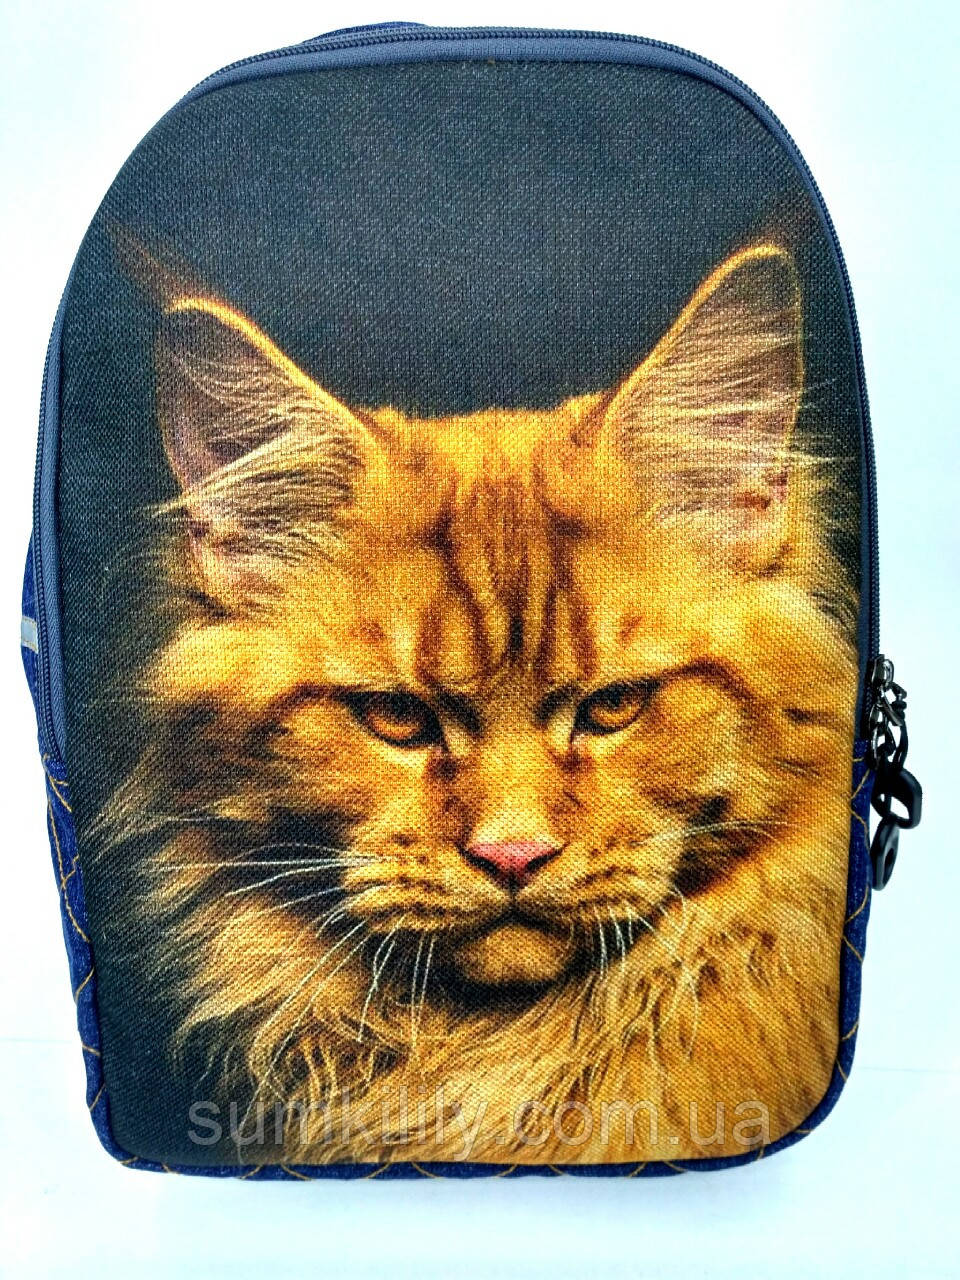 Джинсовый рюкзак МЕЙНКУН рыжий